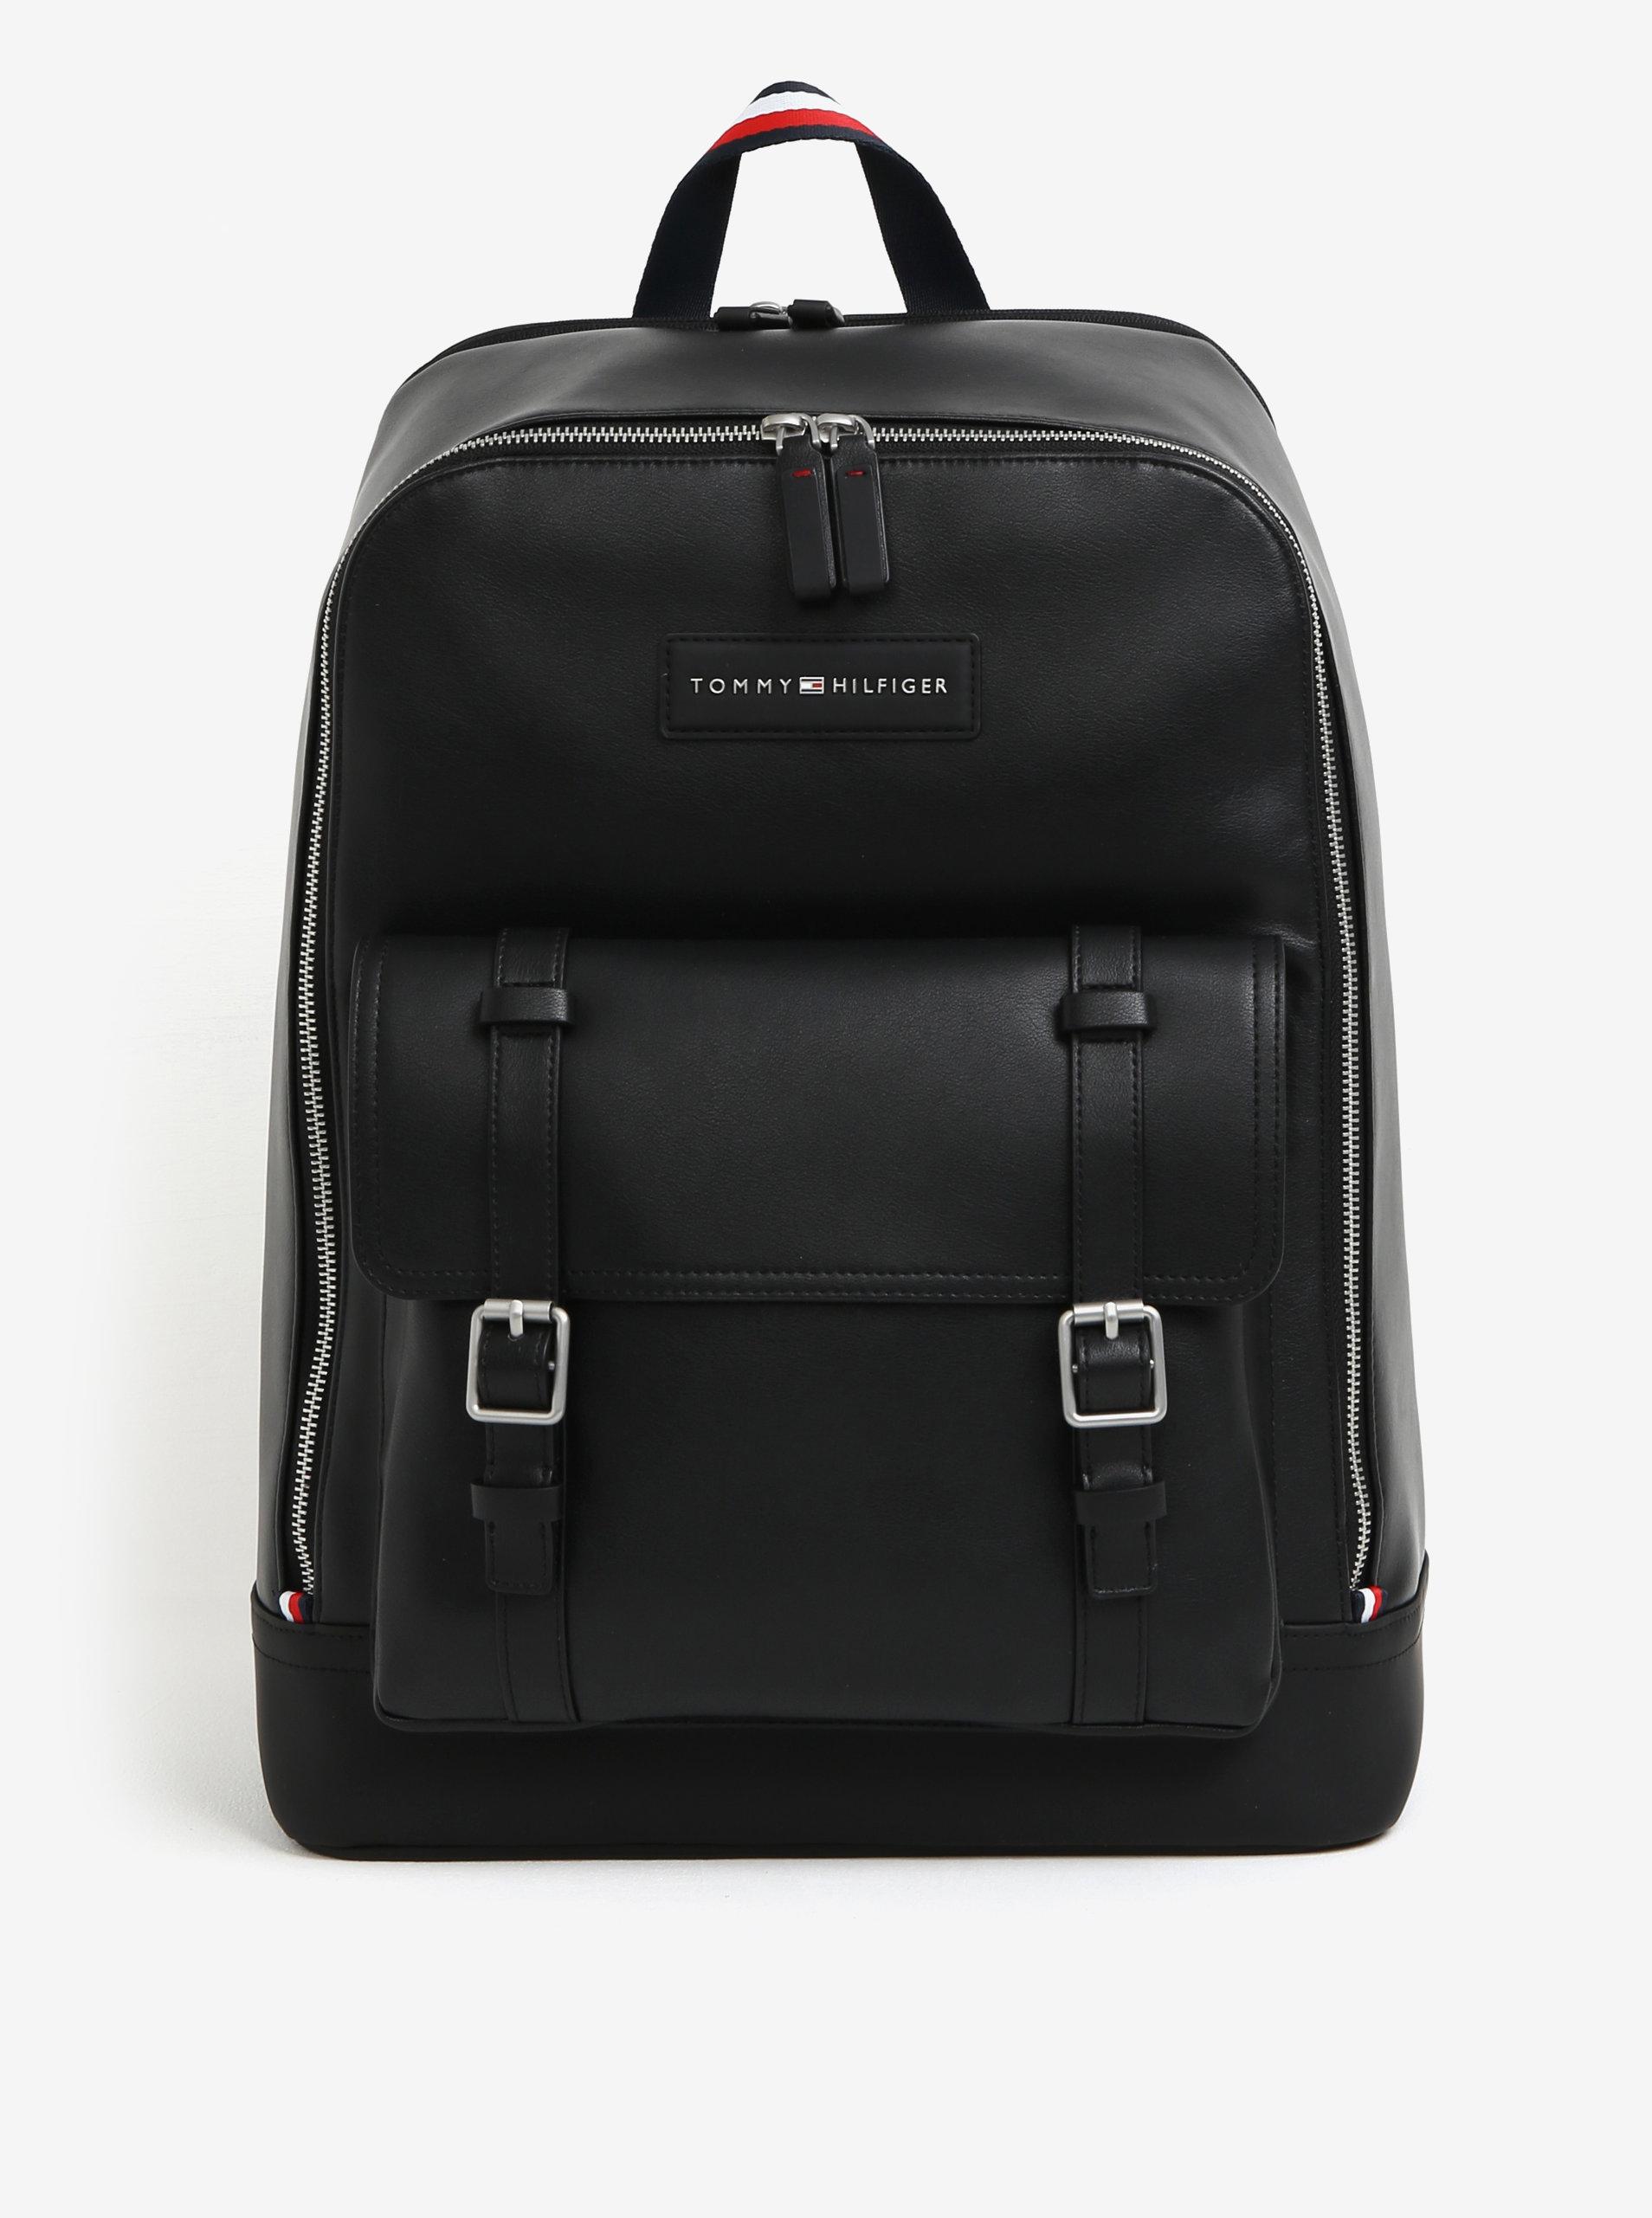 Černý pánský batoh s přezkami Tommy Hilfiger The City - SLEVA ... 9b70a0a1c4a